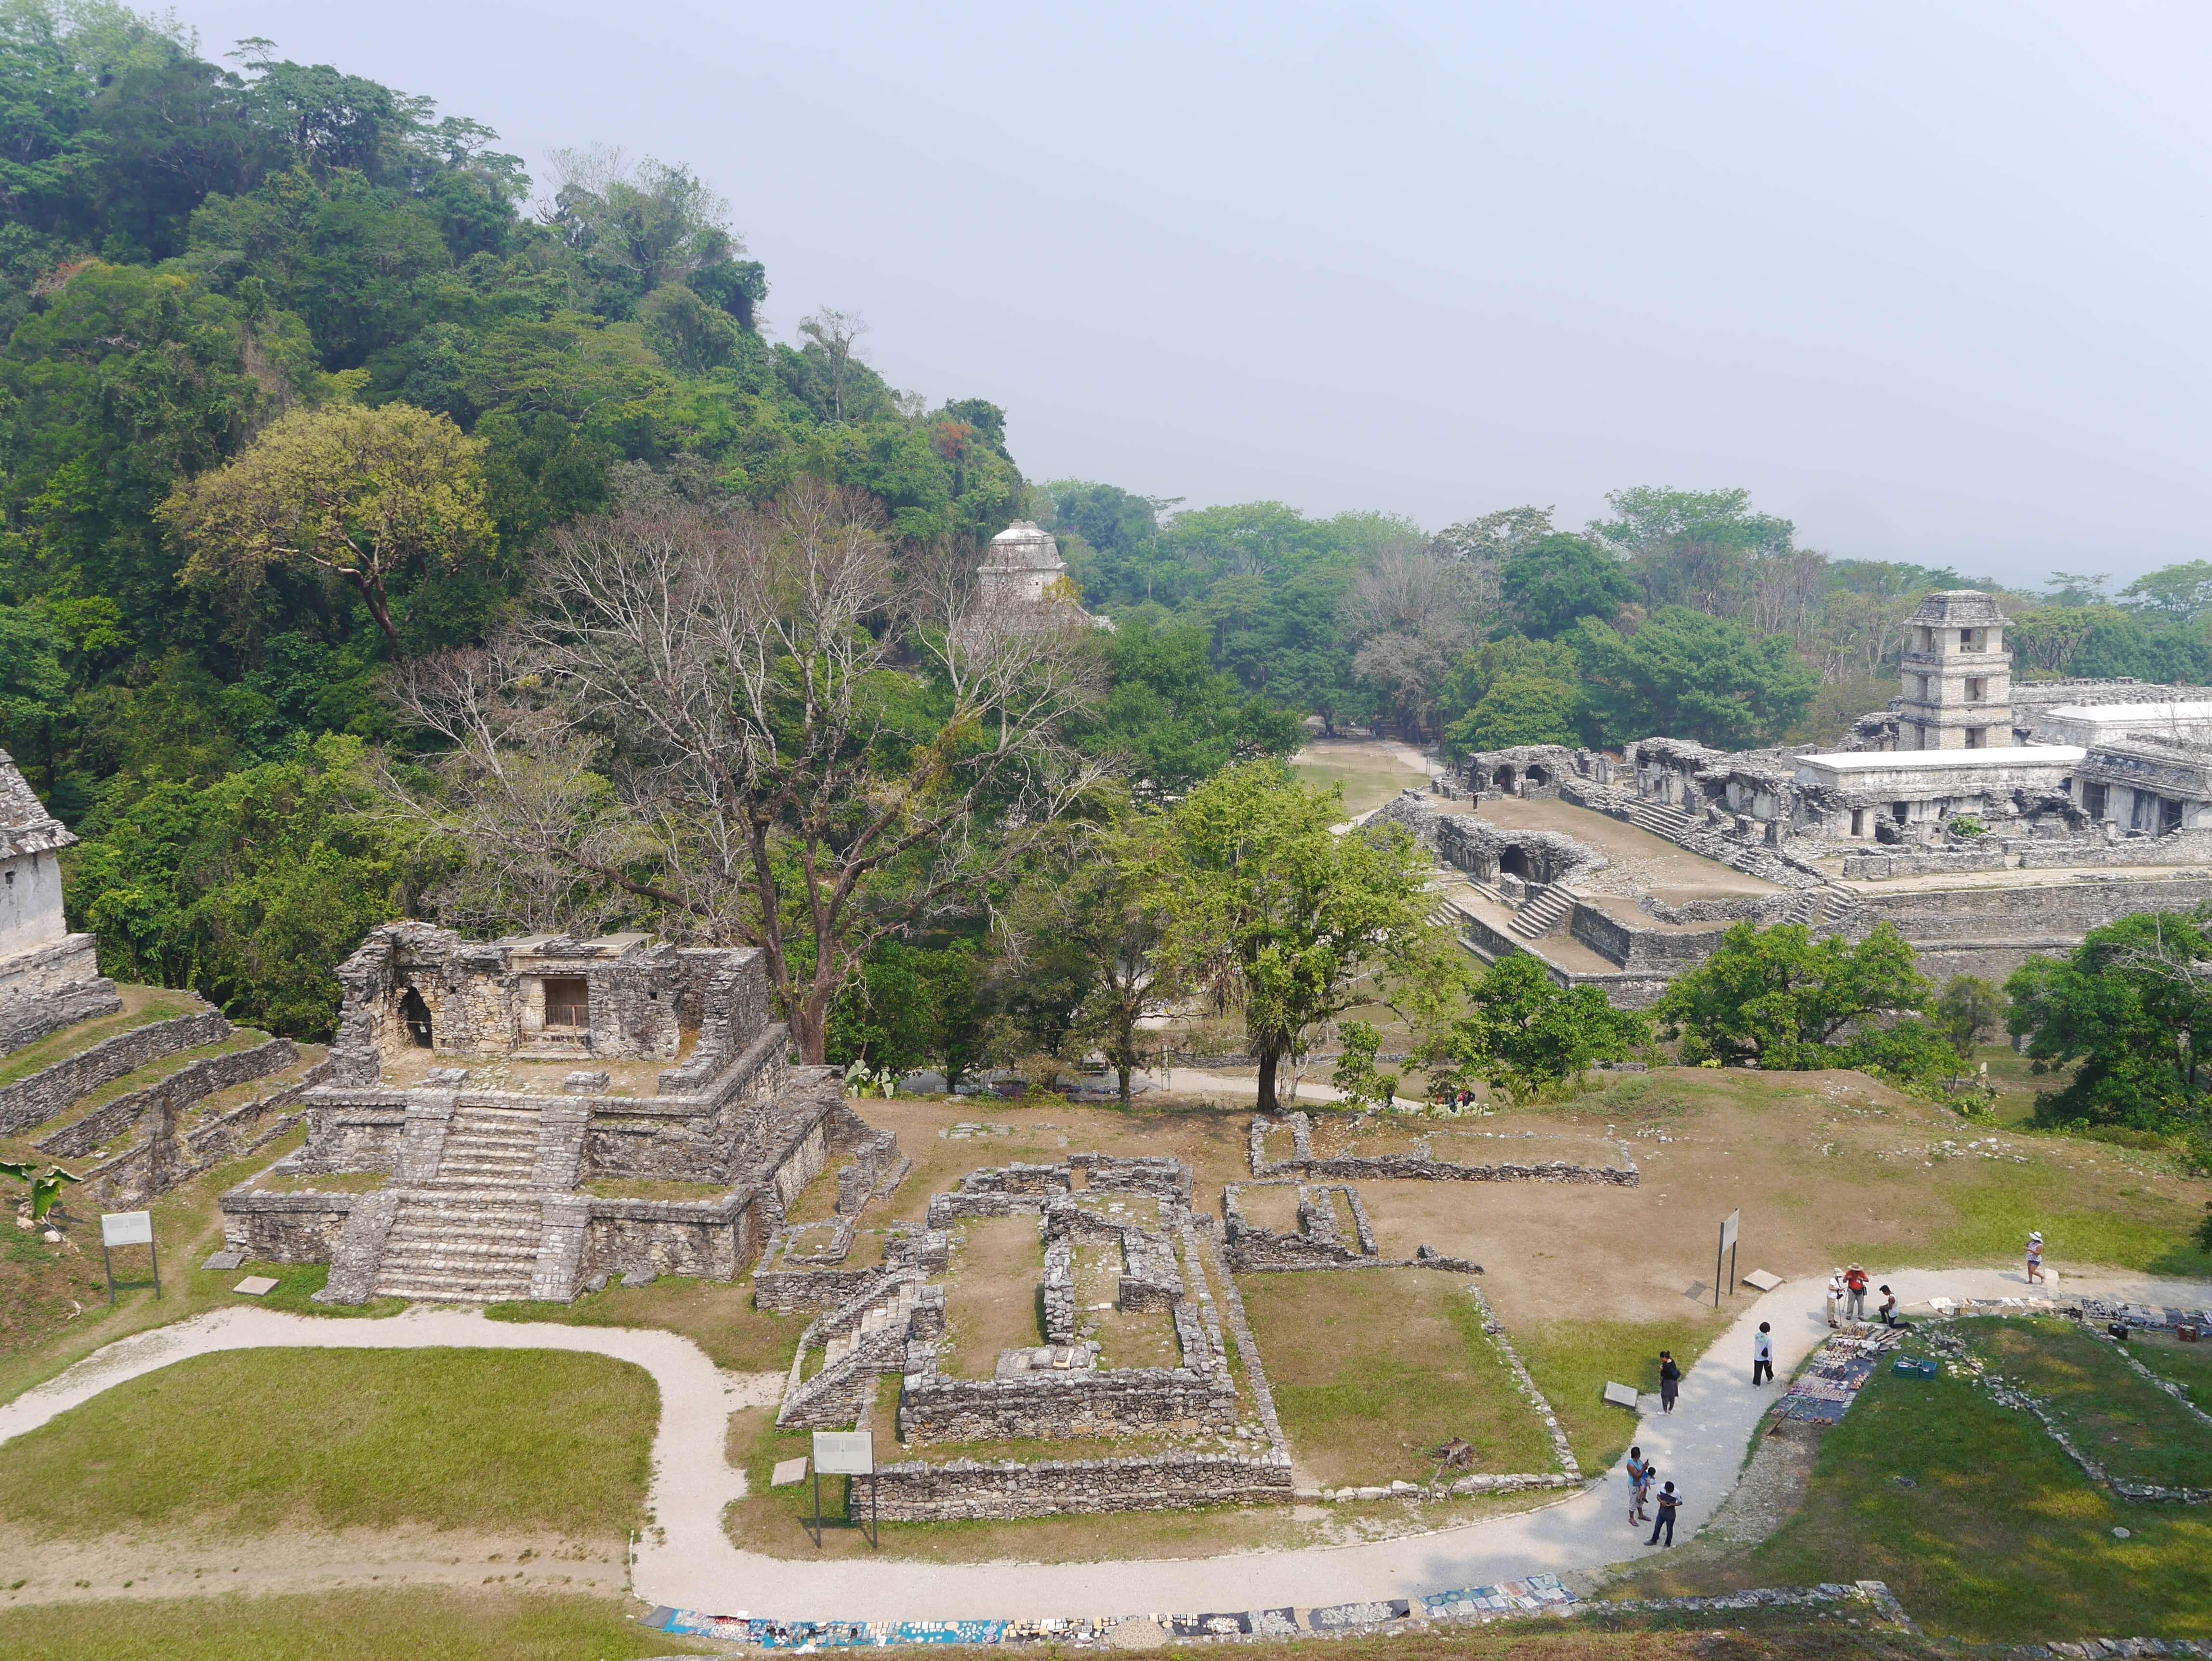 Palenque-sendero-templo-palacio-maya-selva